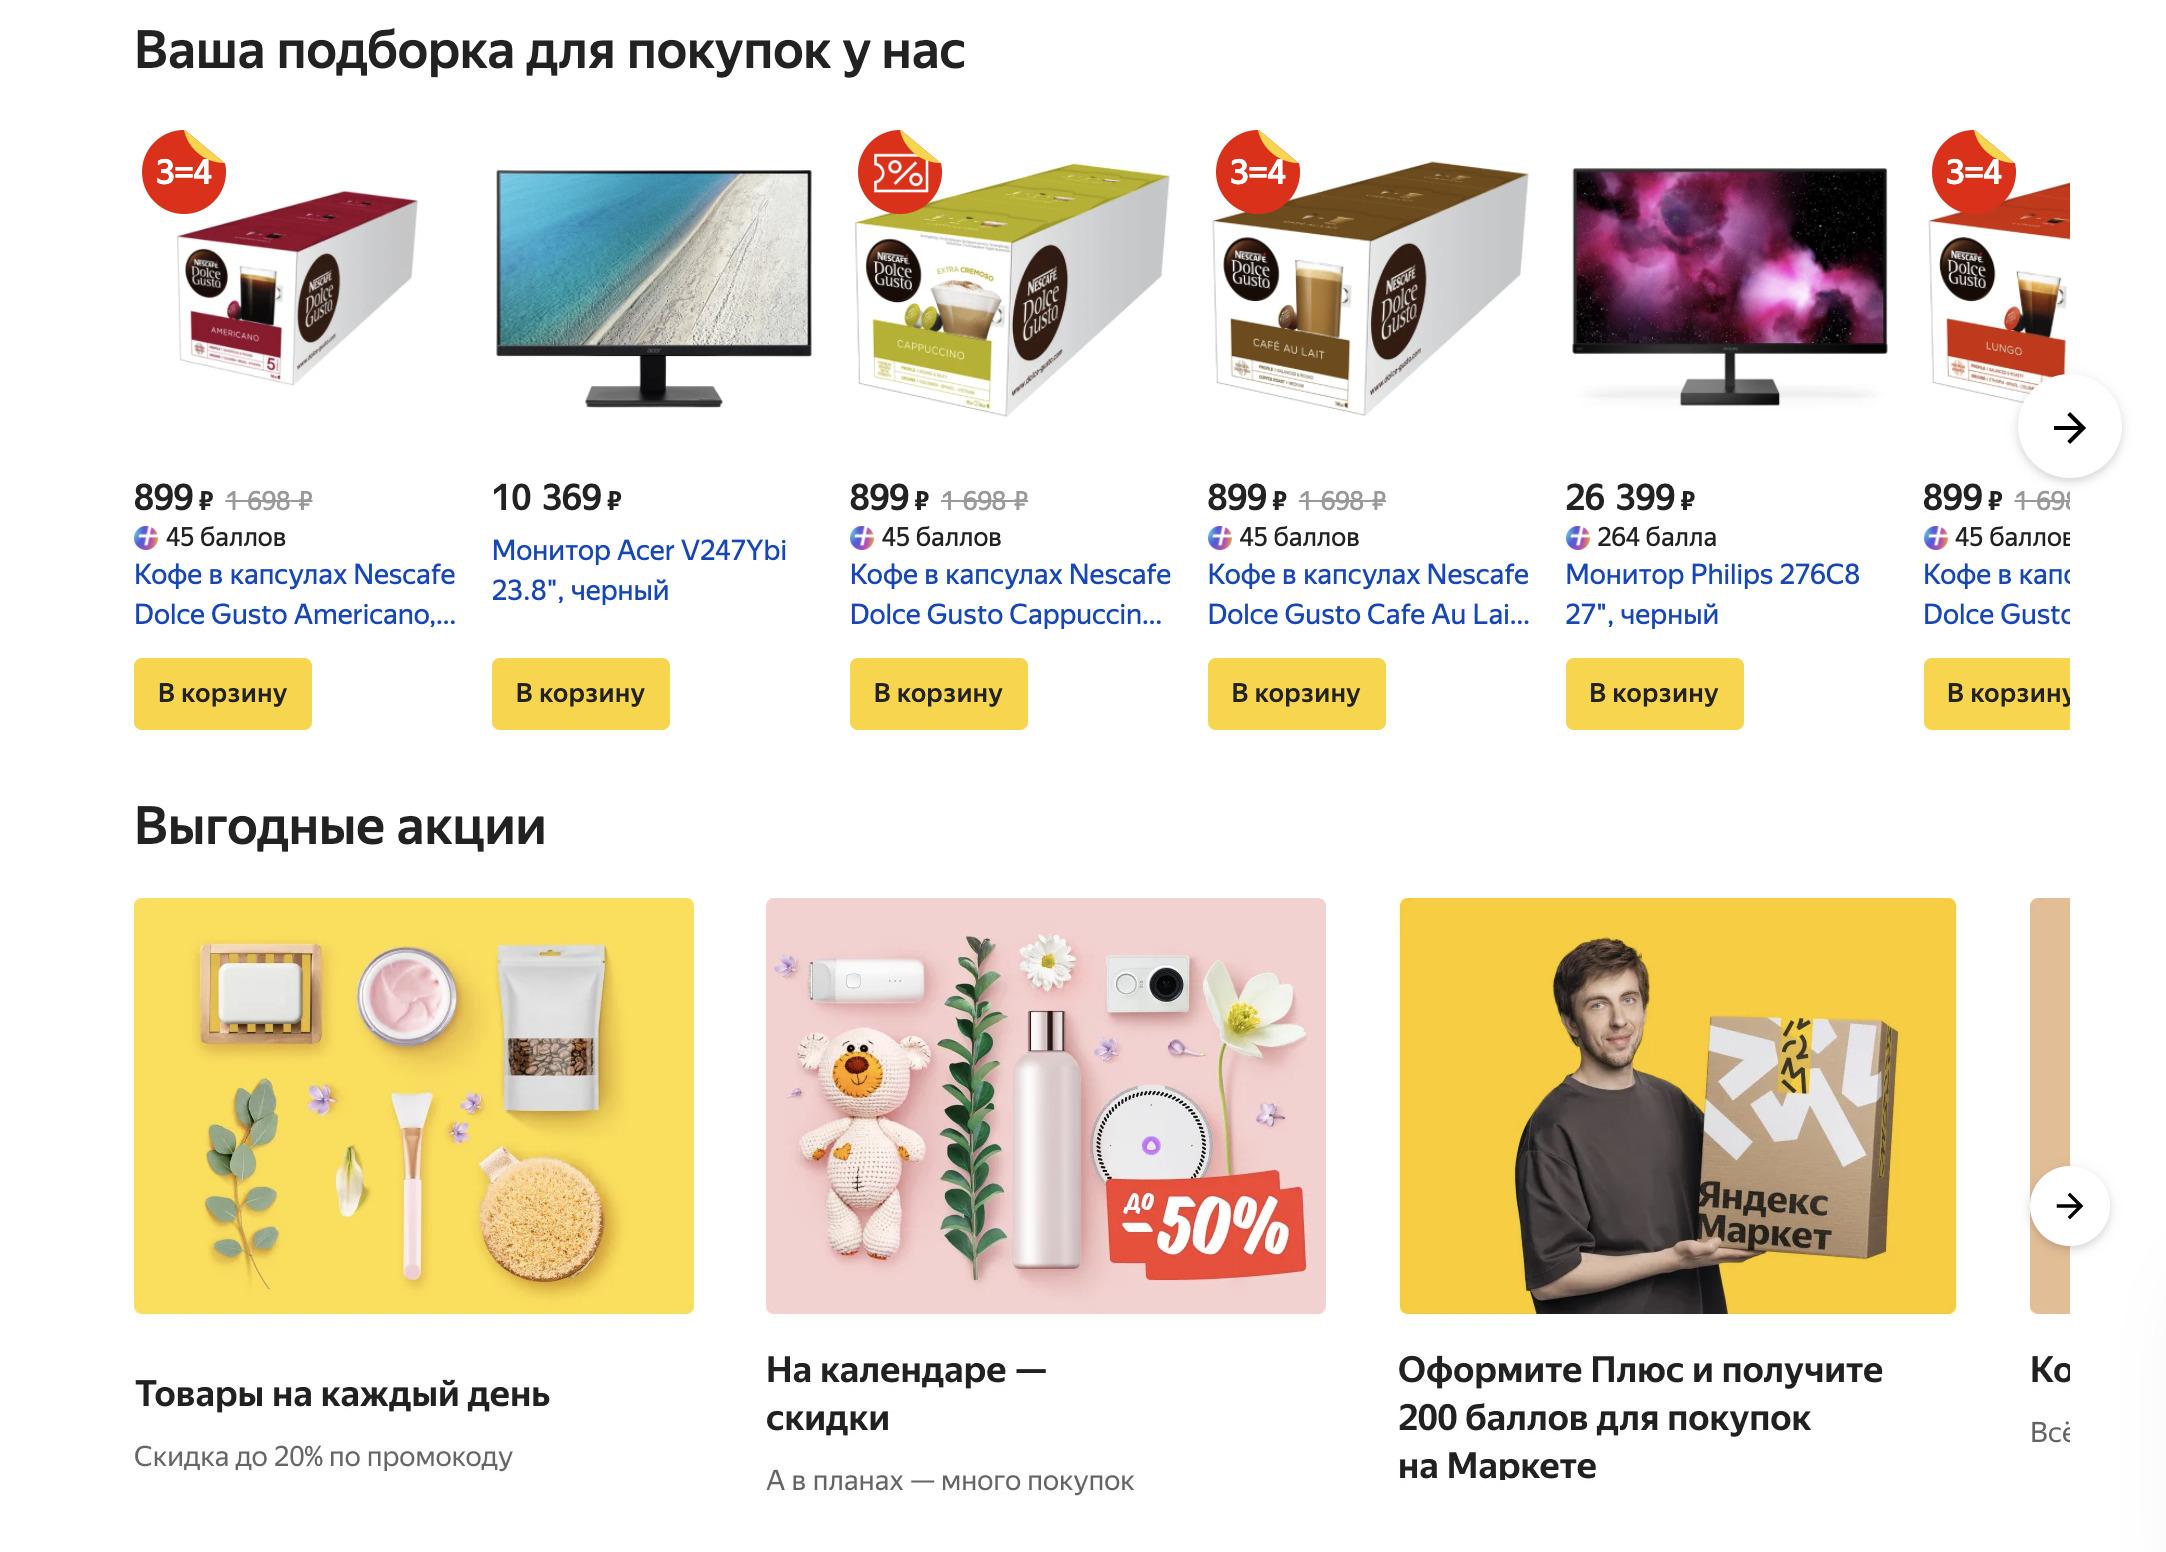 Доставка из Яндекс.Маркет в Евпатория, сроки, пункты выдачи, каталог